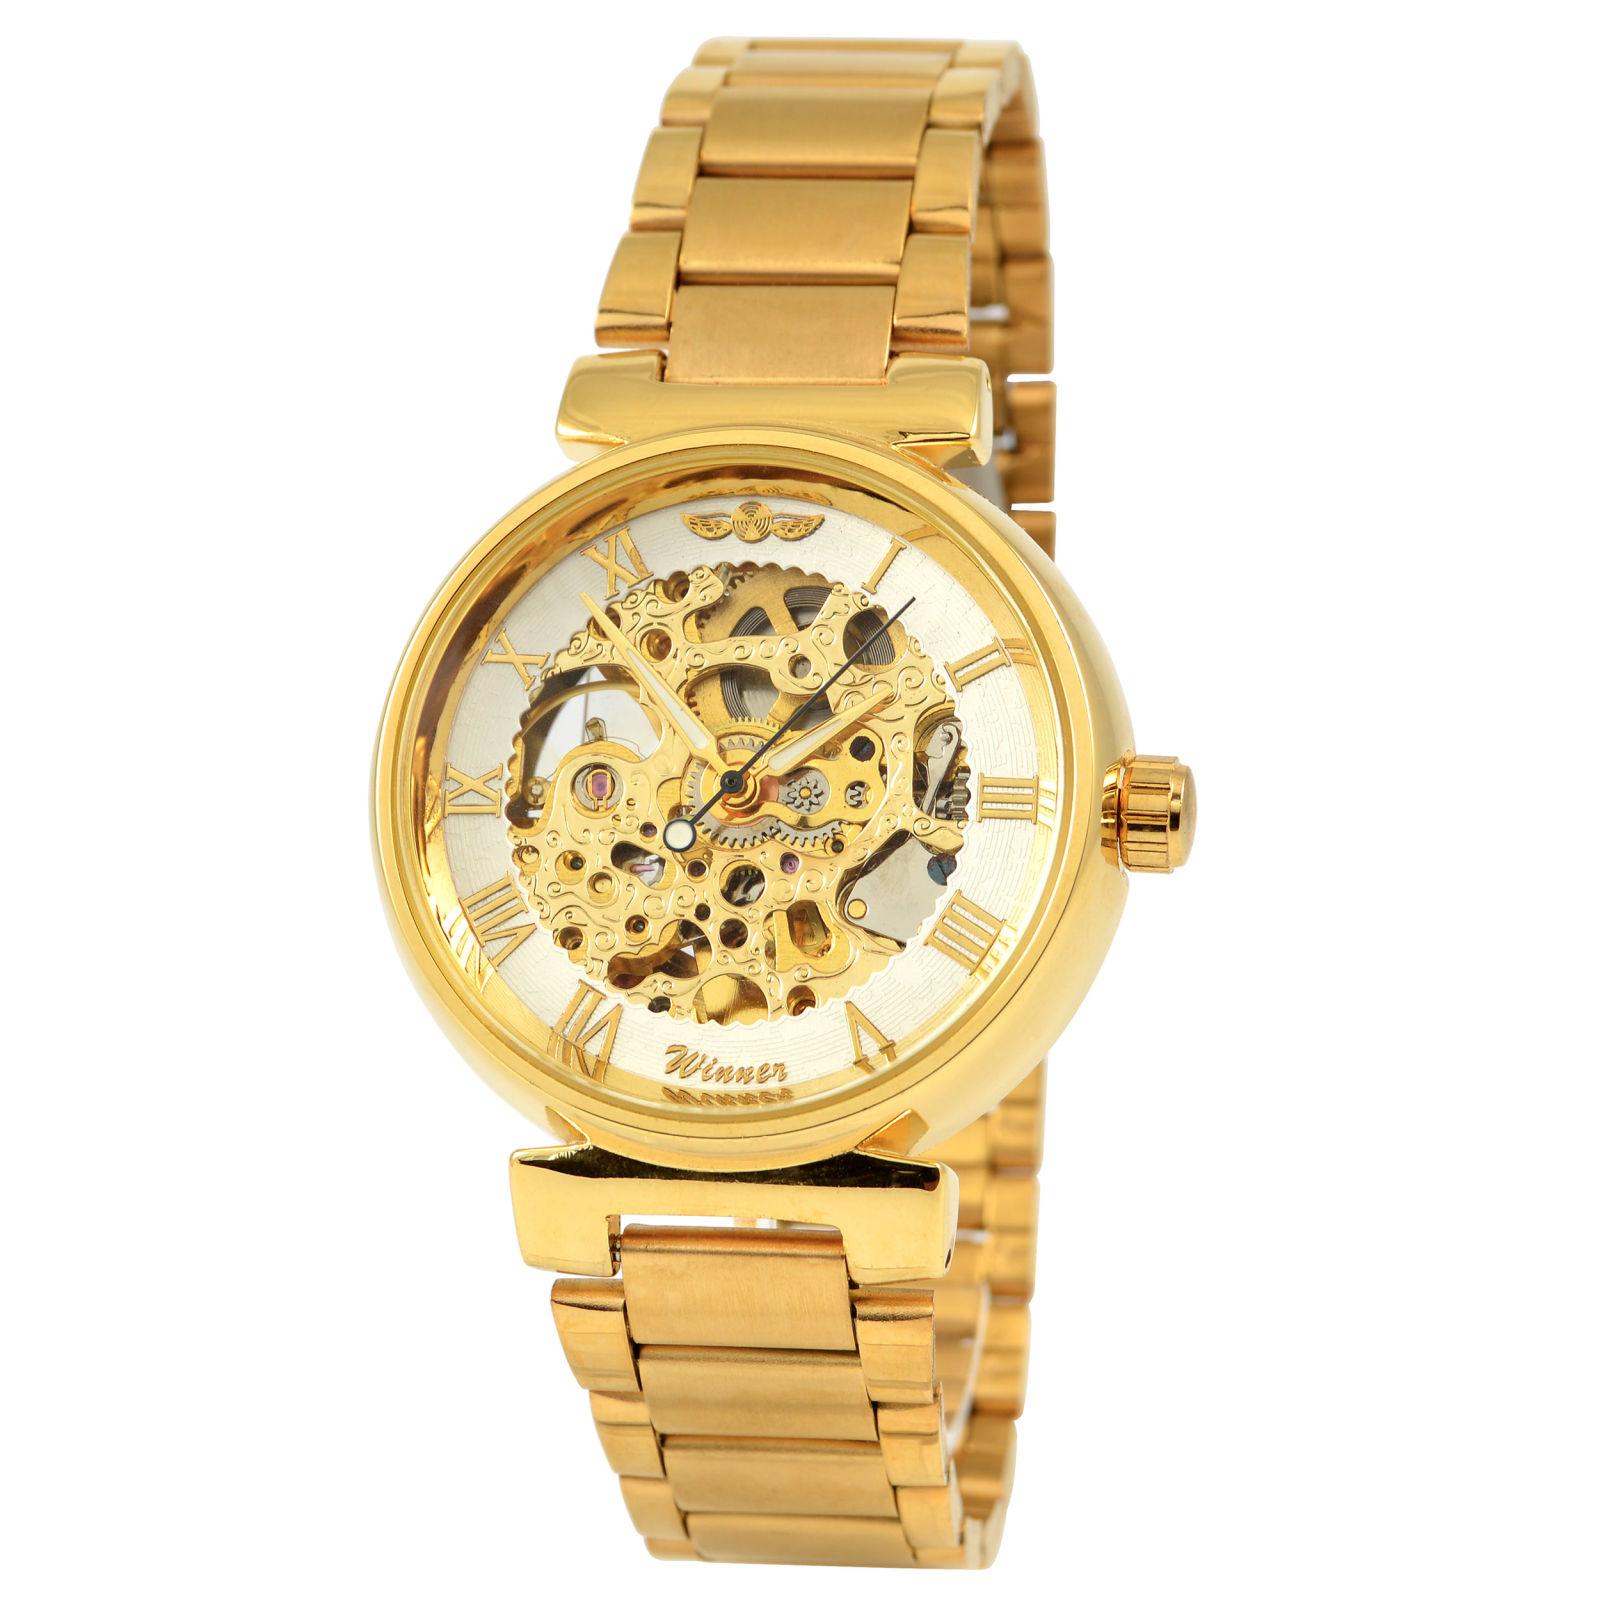 ddaaa44c8695 Reloj dorado con índice romano